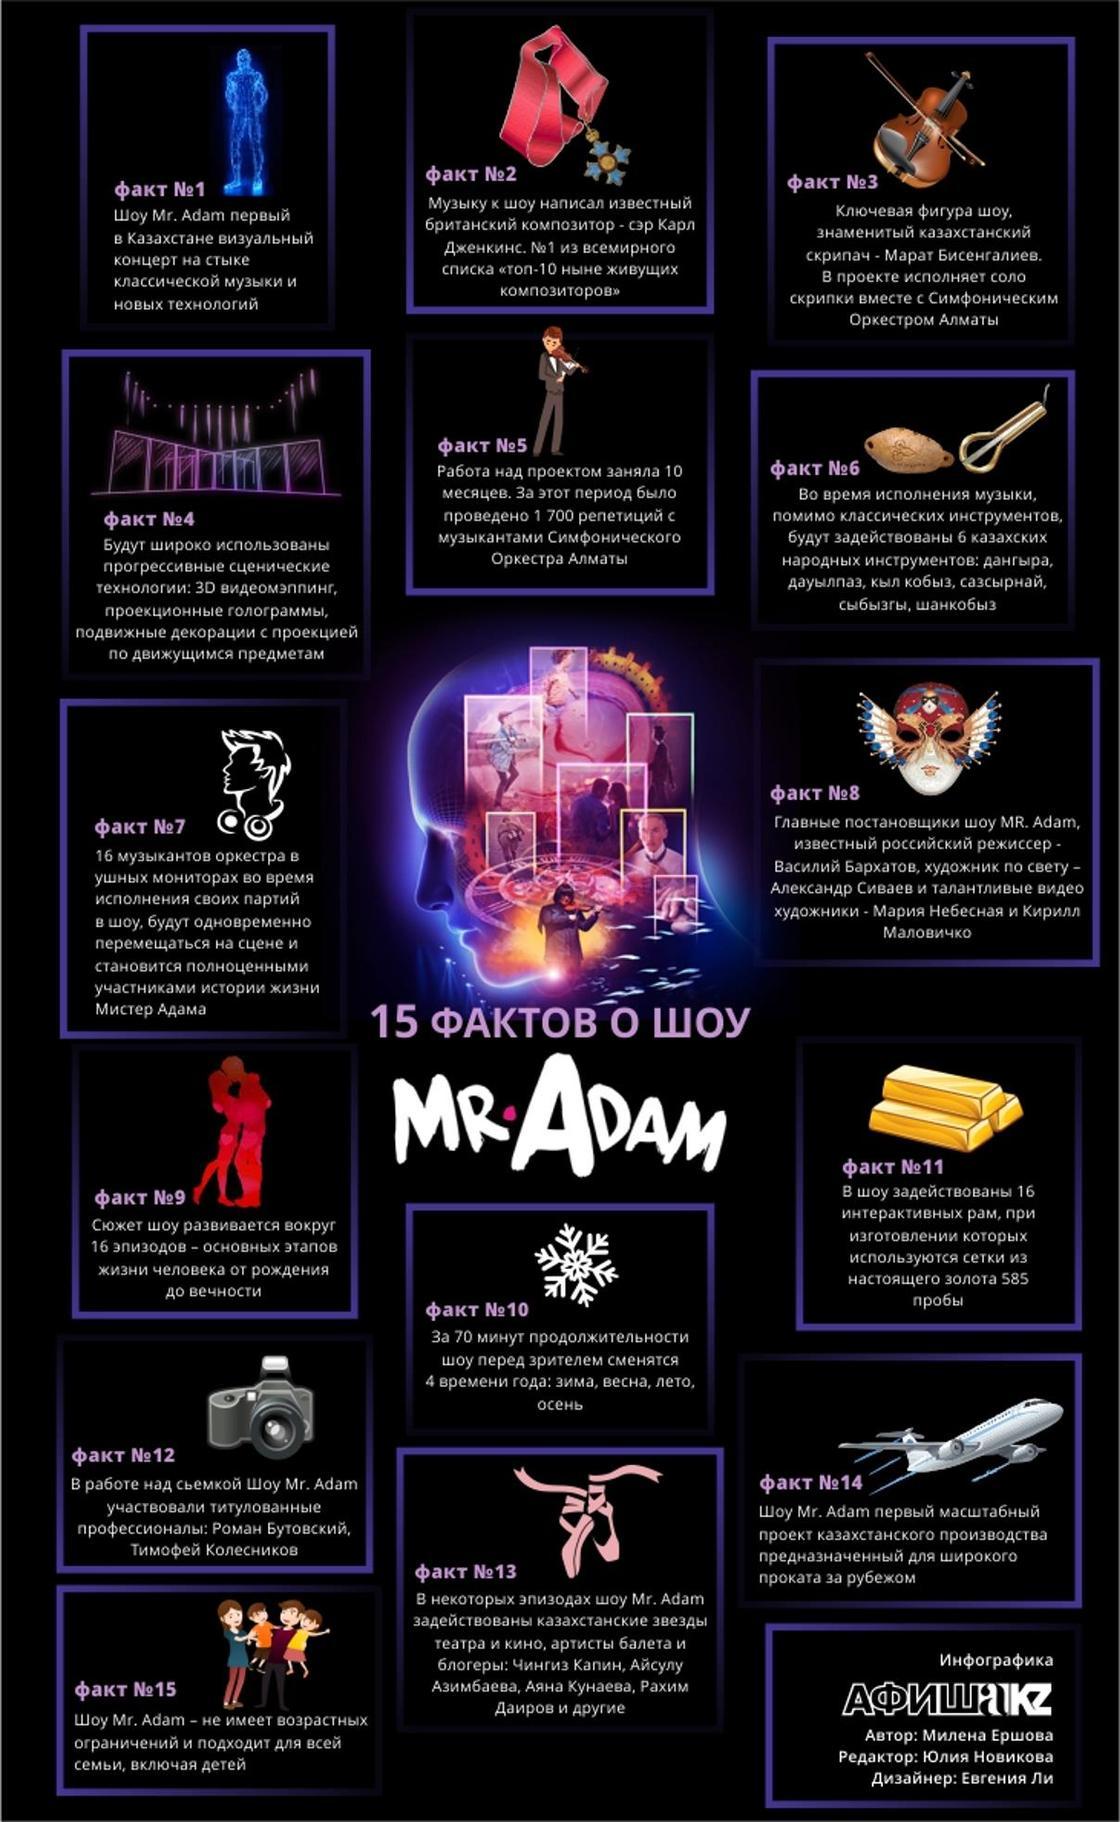 Революция классической музыки - шоу Mr. Adam